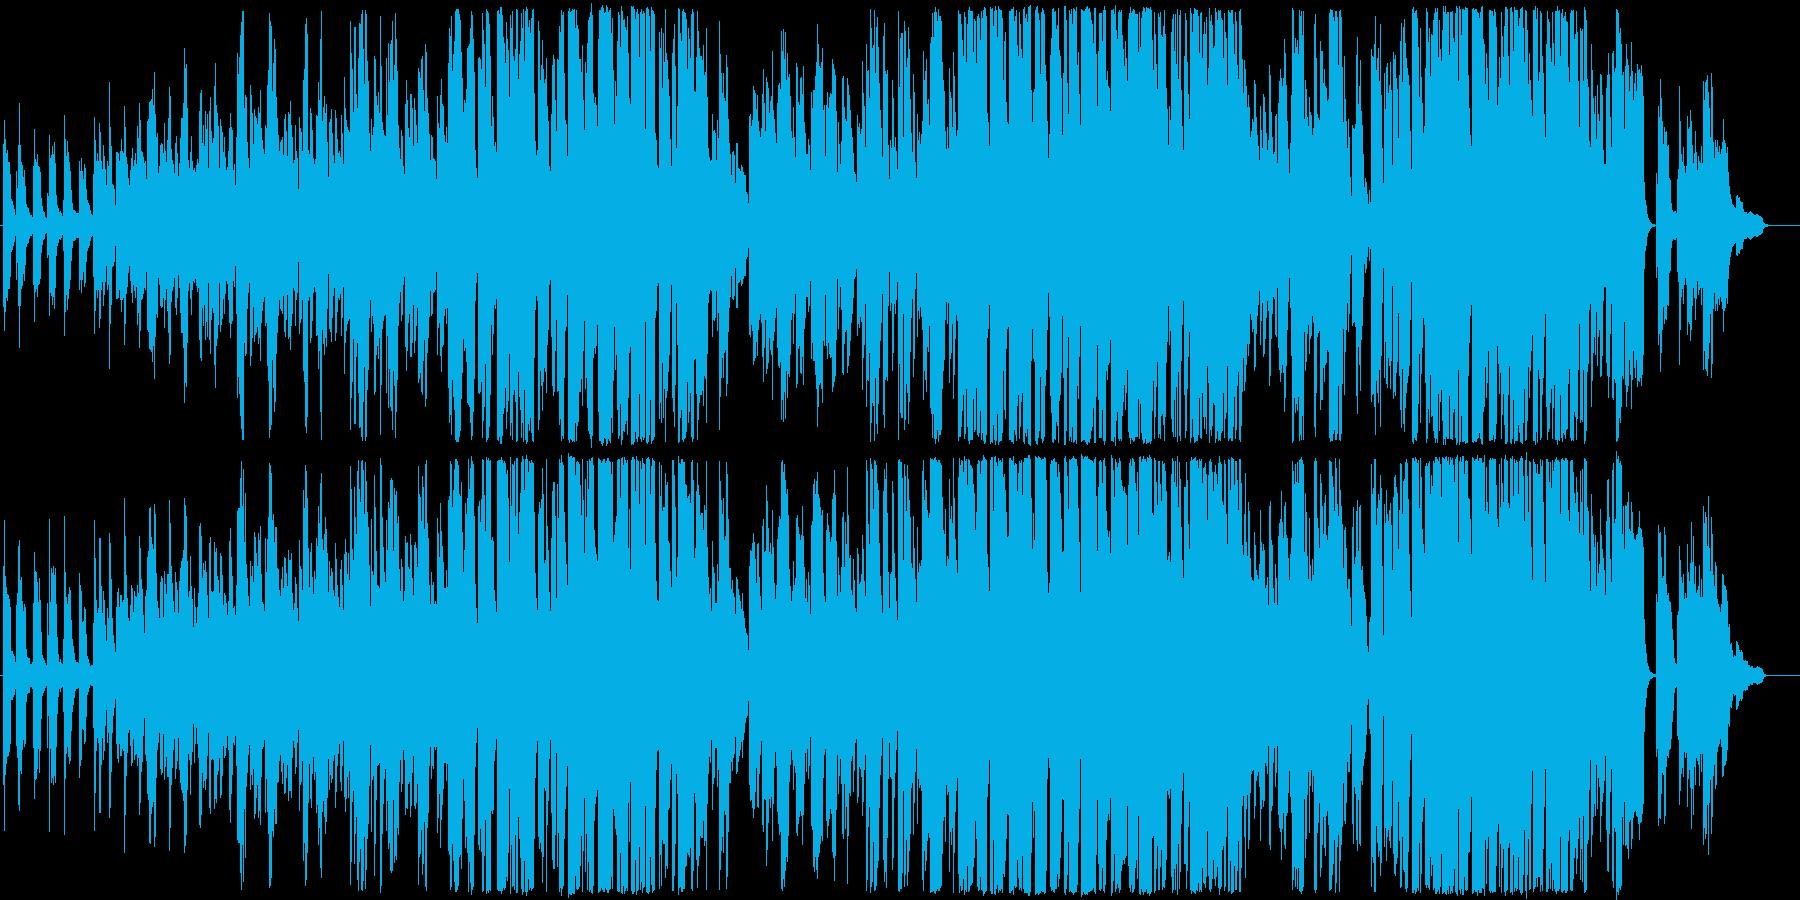 ピアノ弾き語りの切なく悲しい歌【生演奏】の再生済みの波形